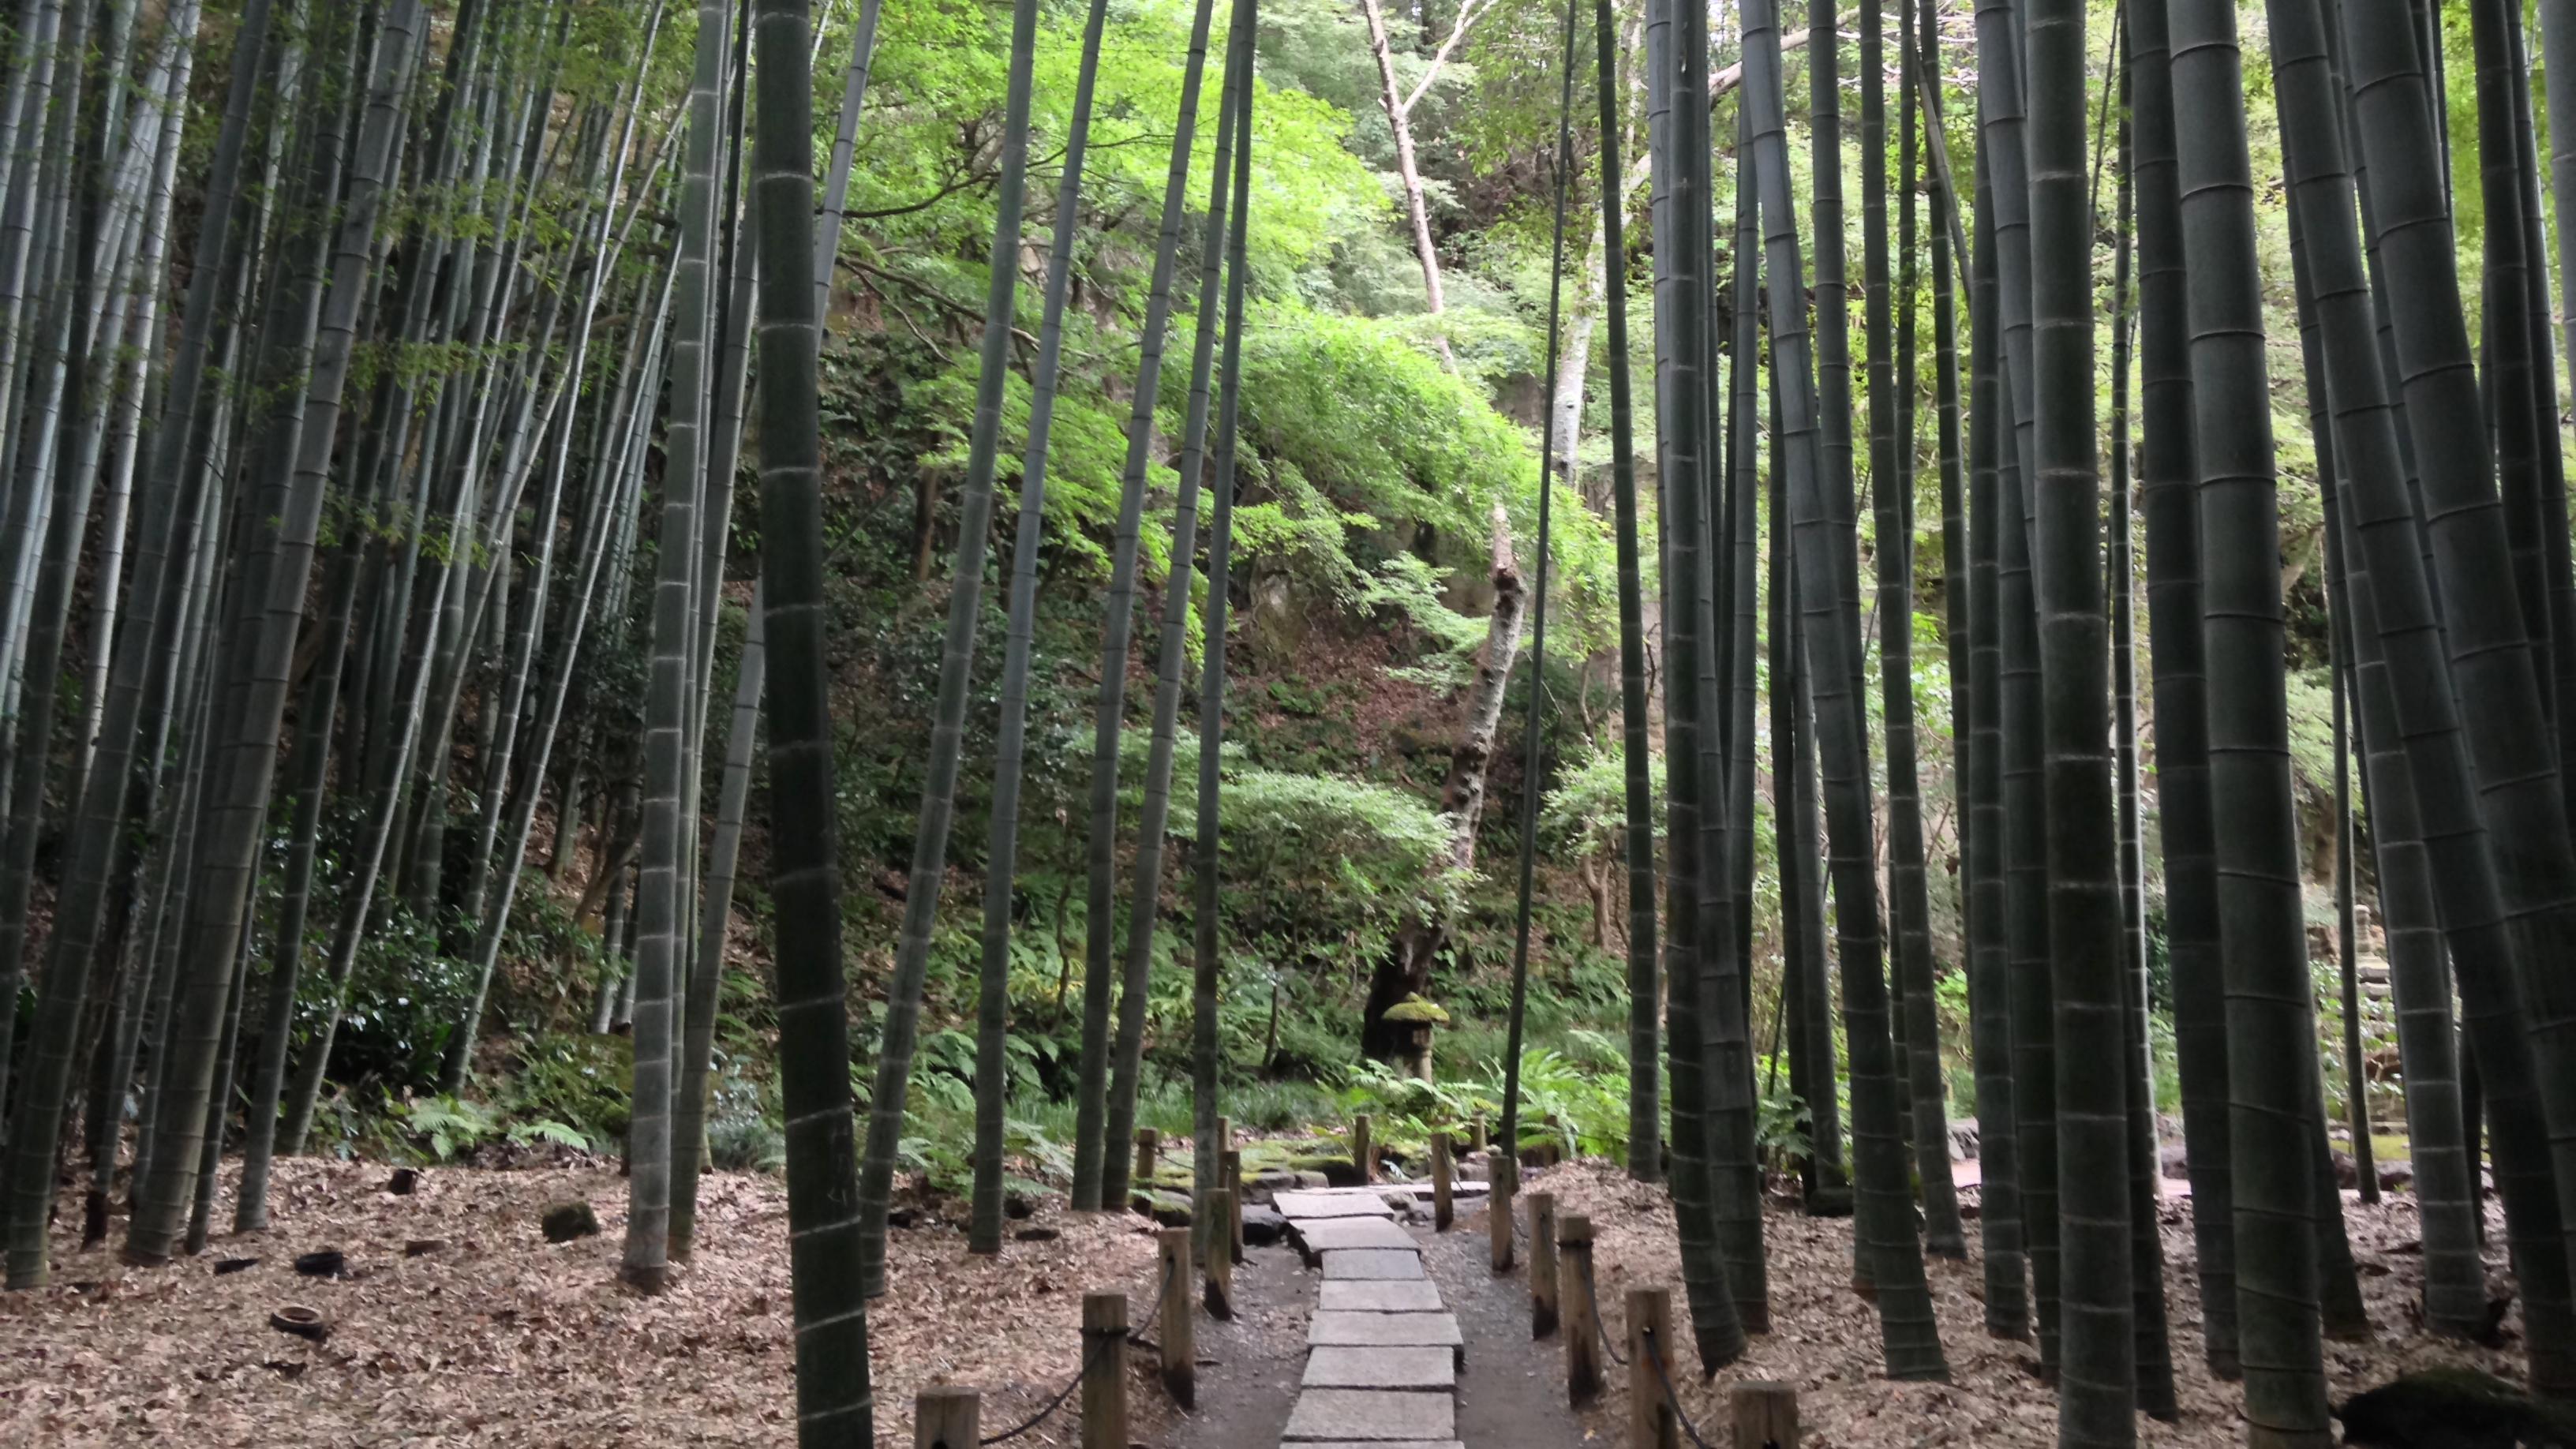 【鎌倉 竹の寺・報国寺】2千本の孟宗竹の庭に感激!